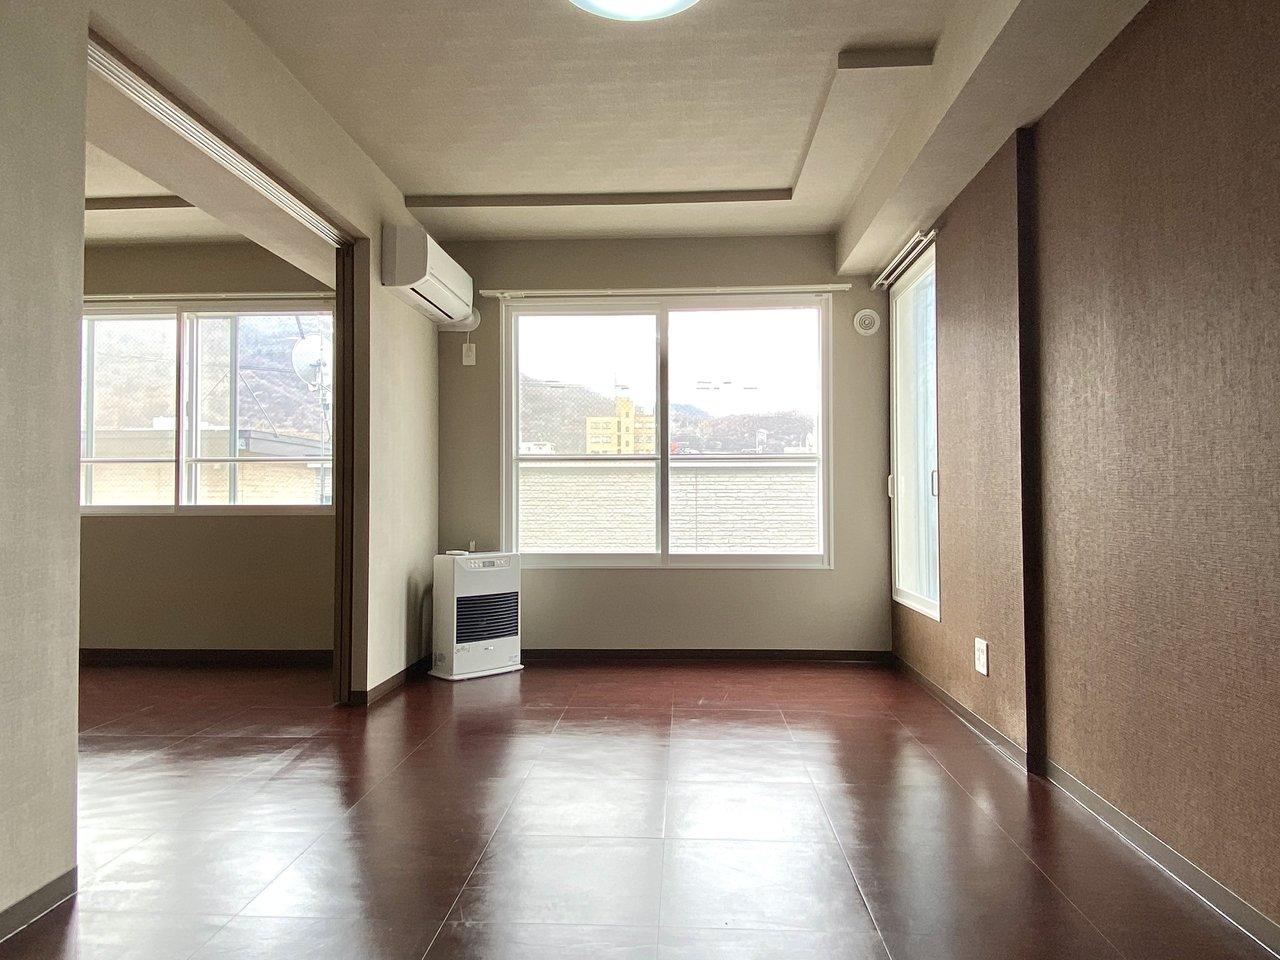 こちらも寝室と洋室が隣り合わせになっているタイプの間取り。二面採光になっているので、明るさを感じられます。